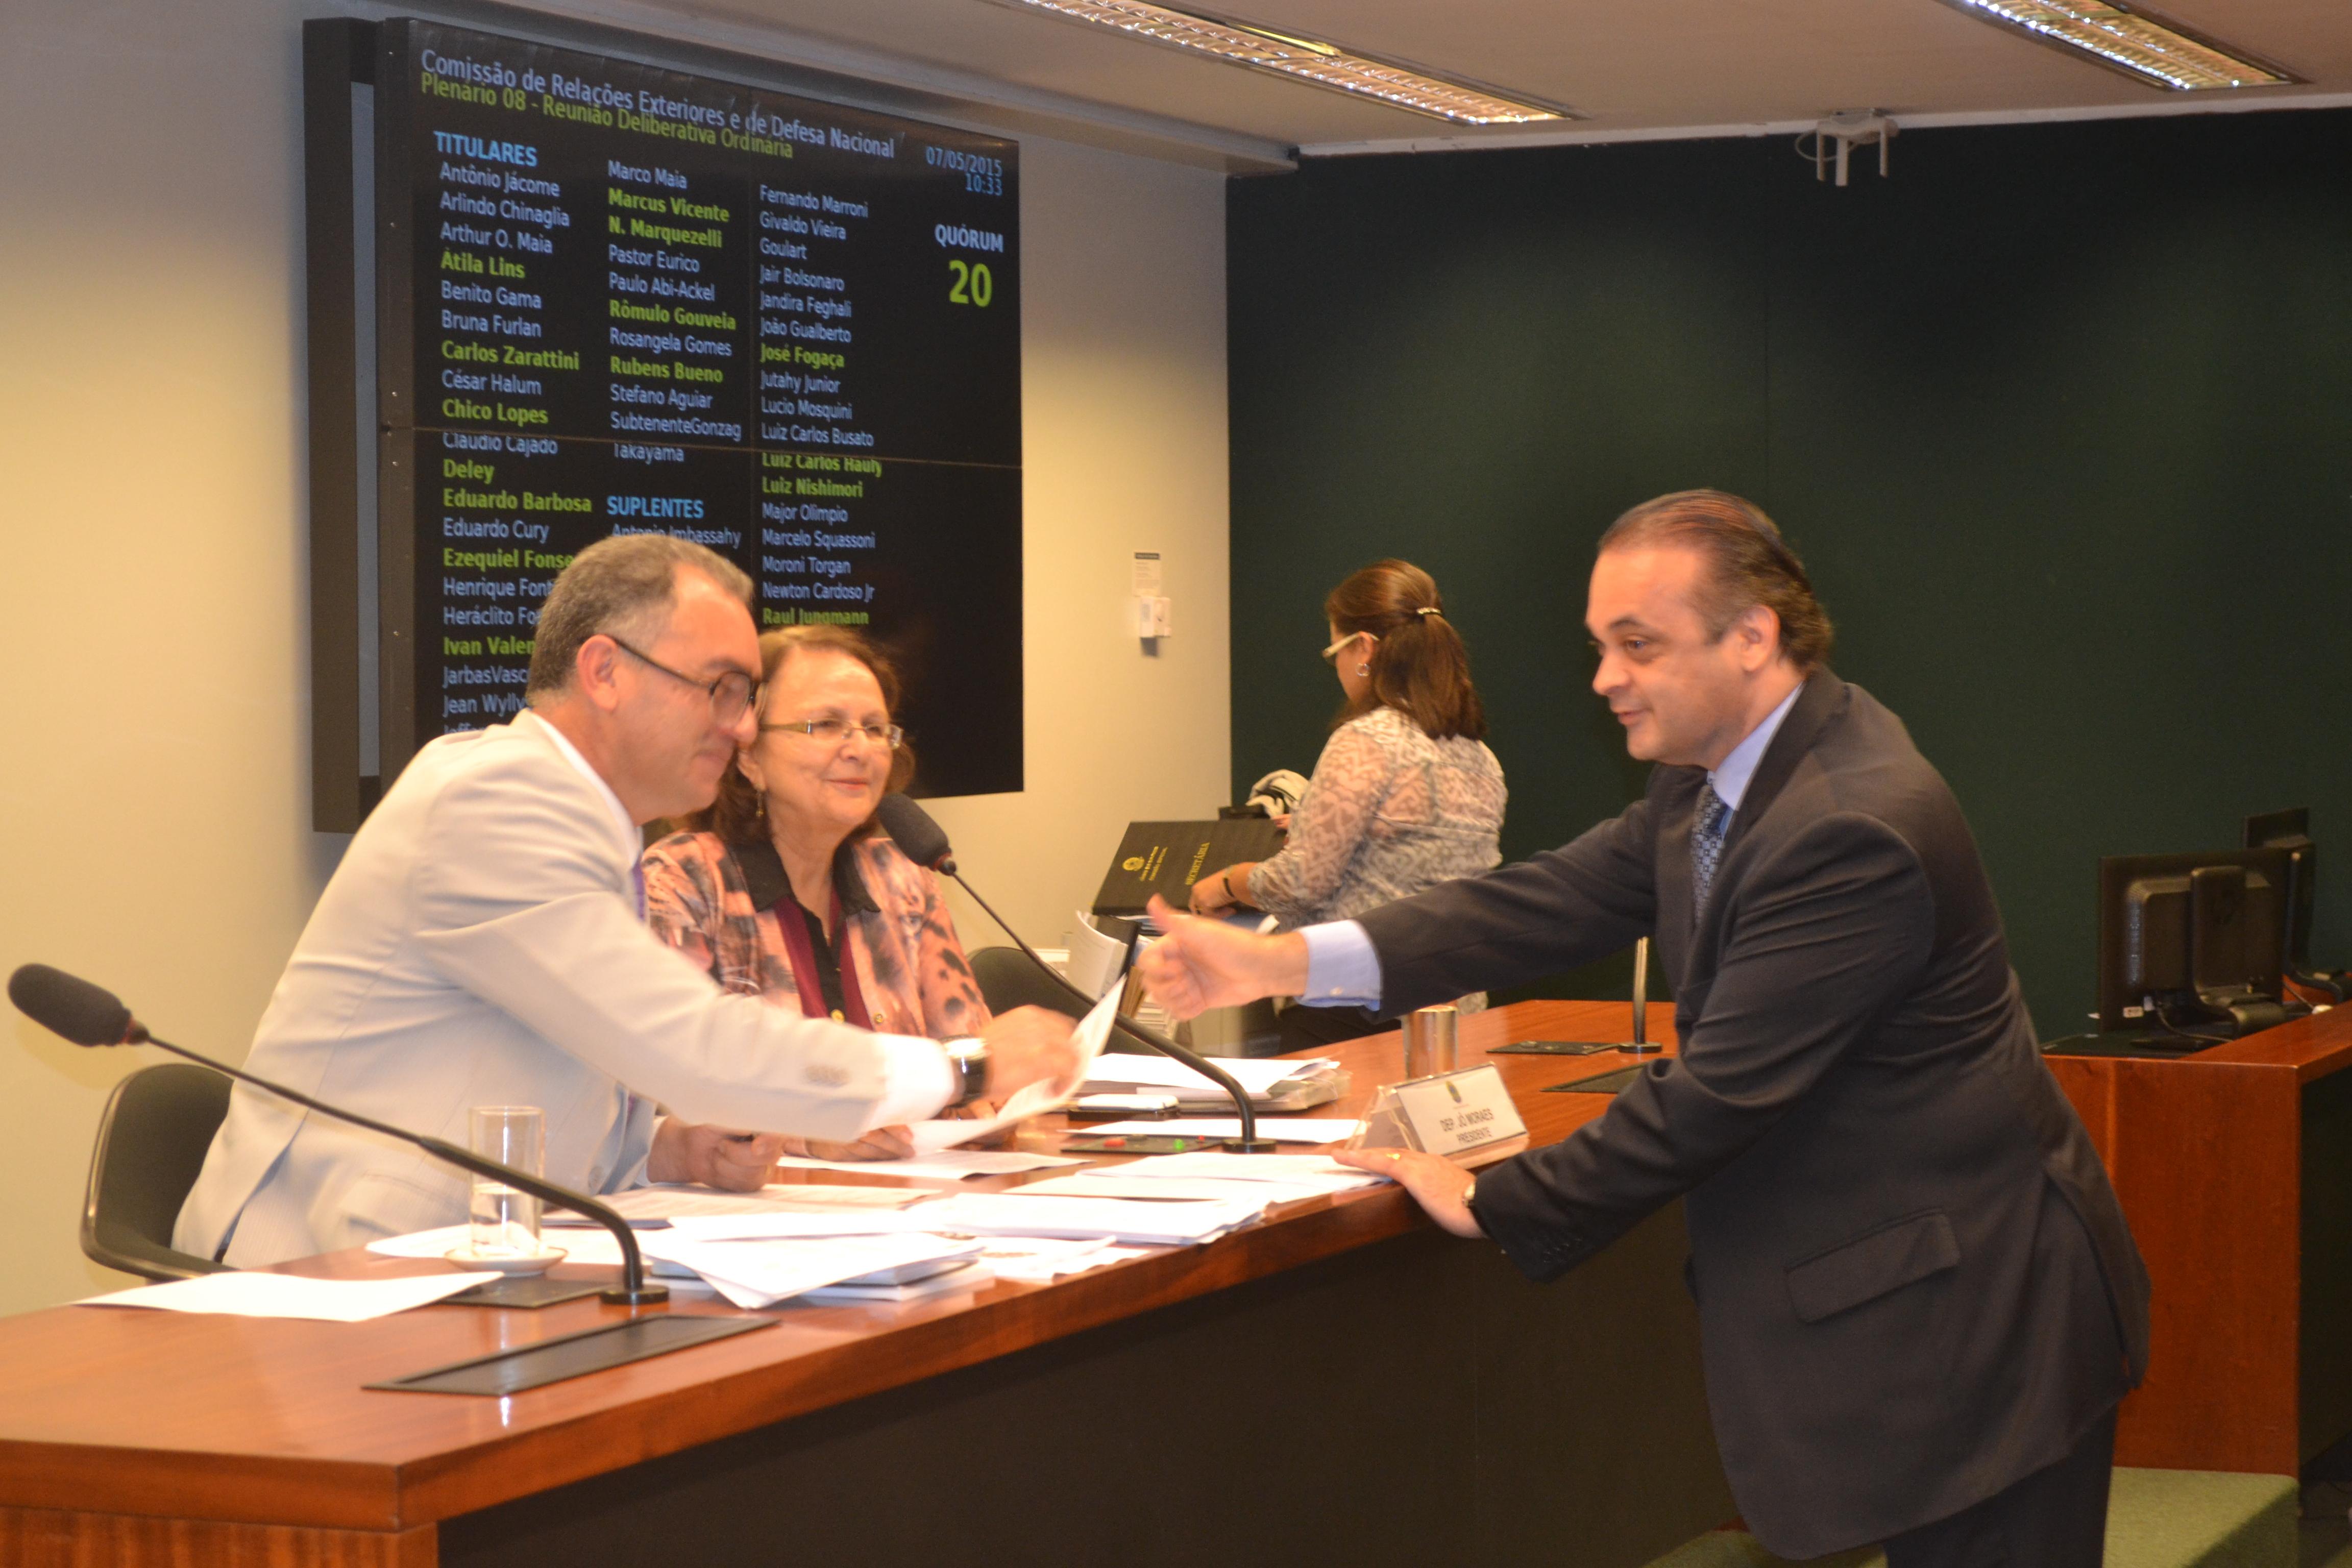 Roberto de Lucena na Comissão de Relações Exteriores e Defesa Nacional